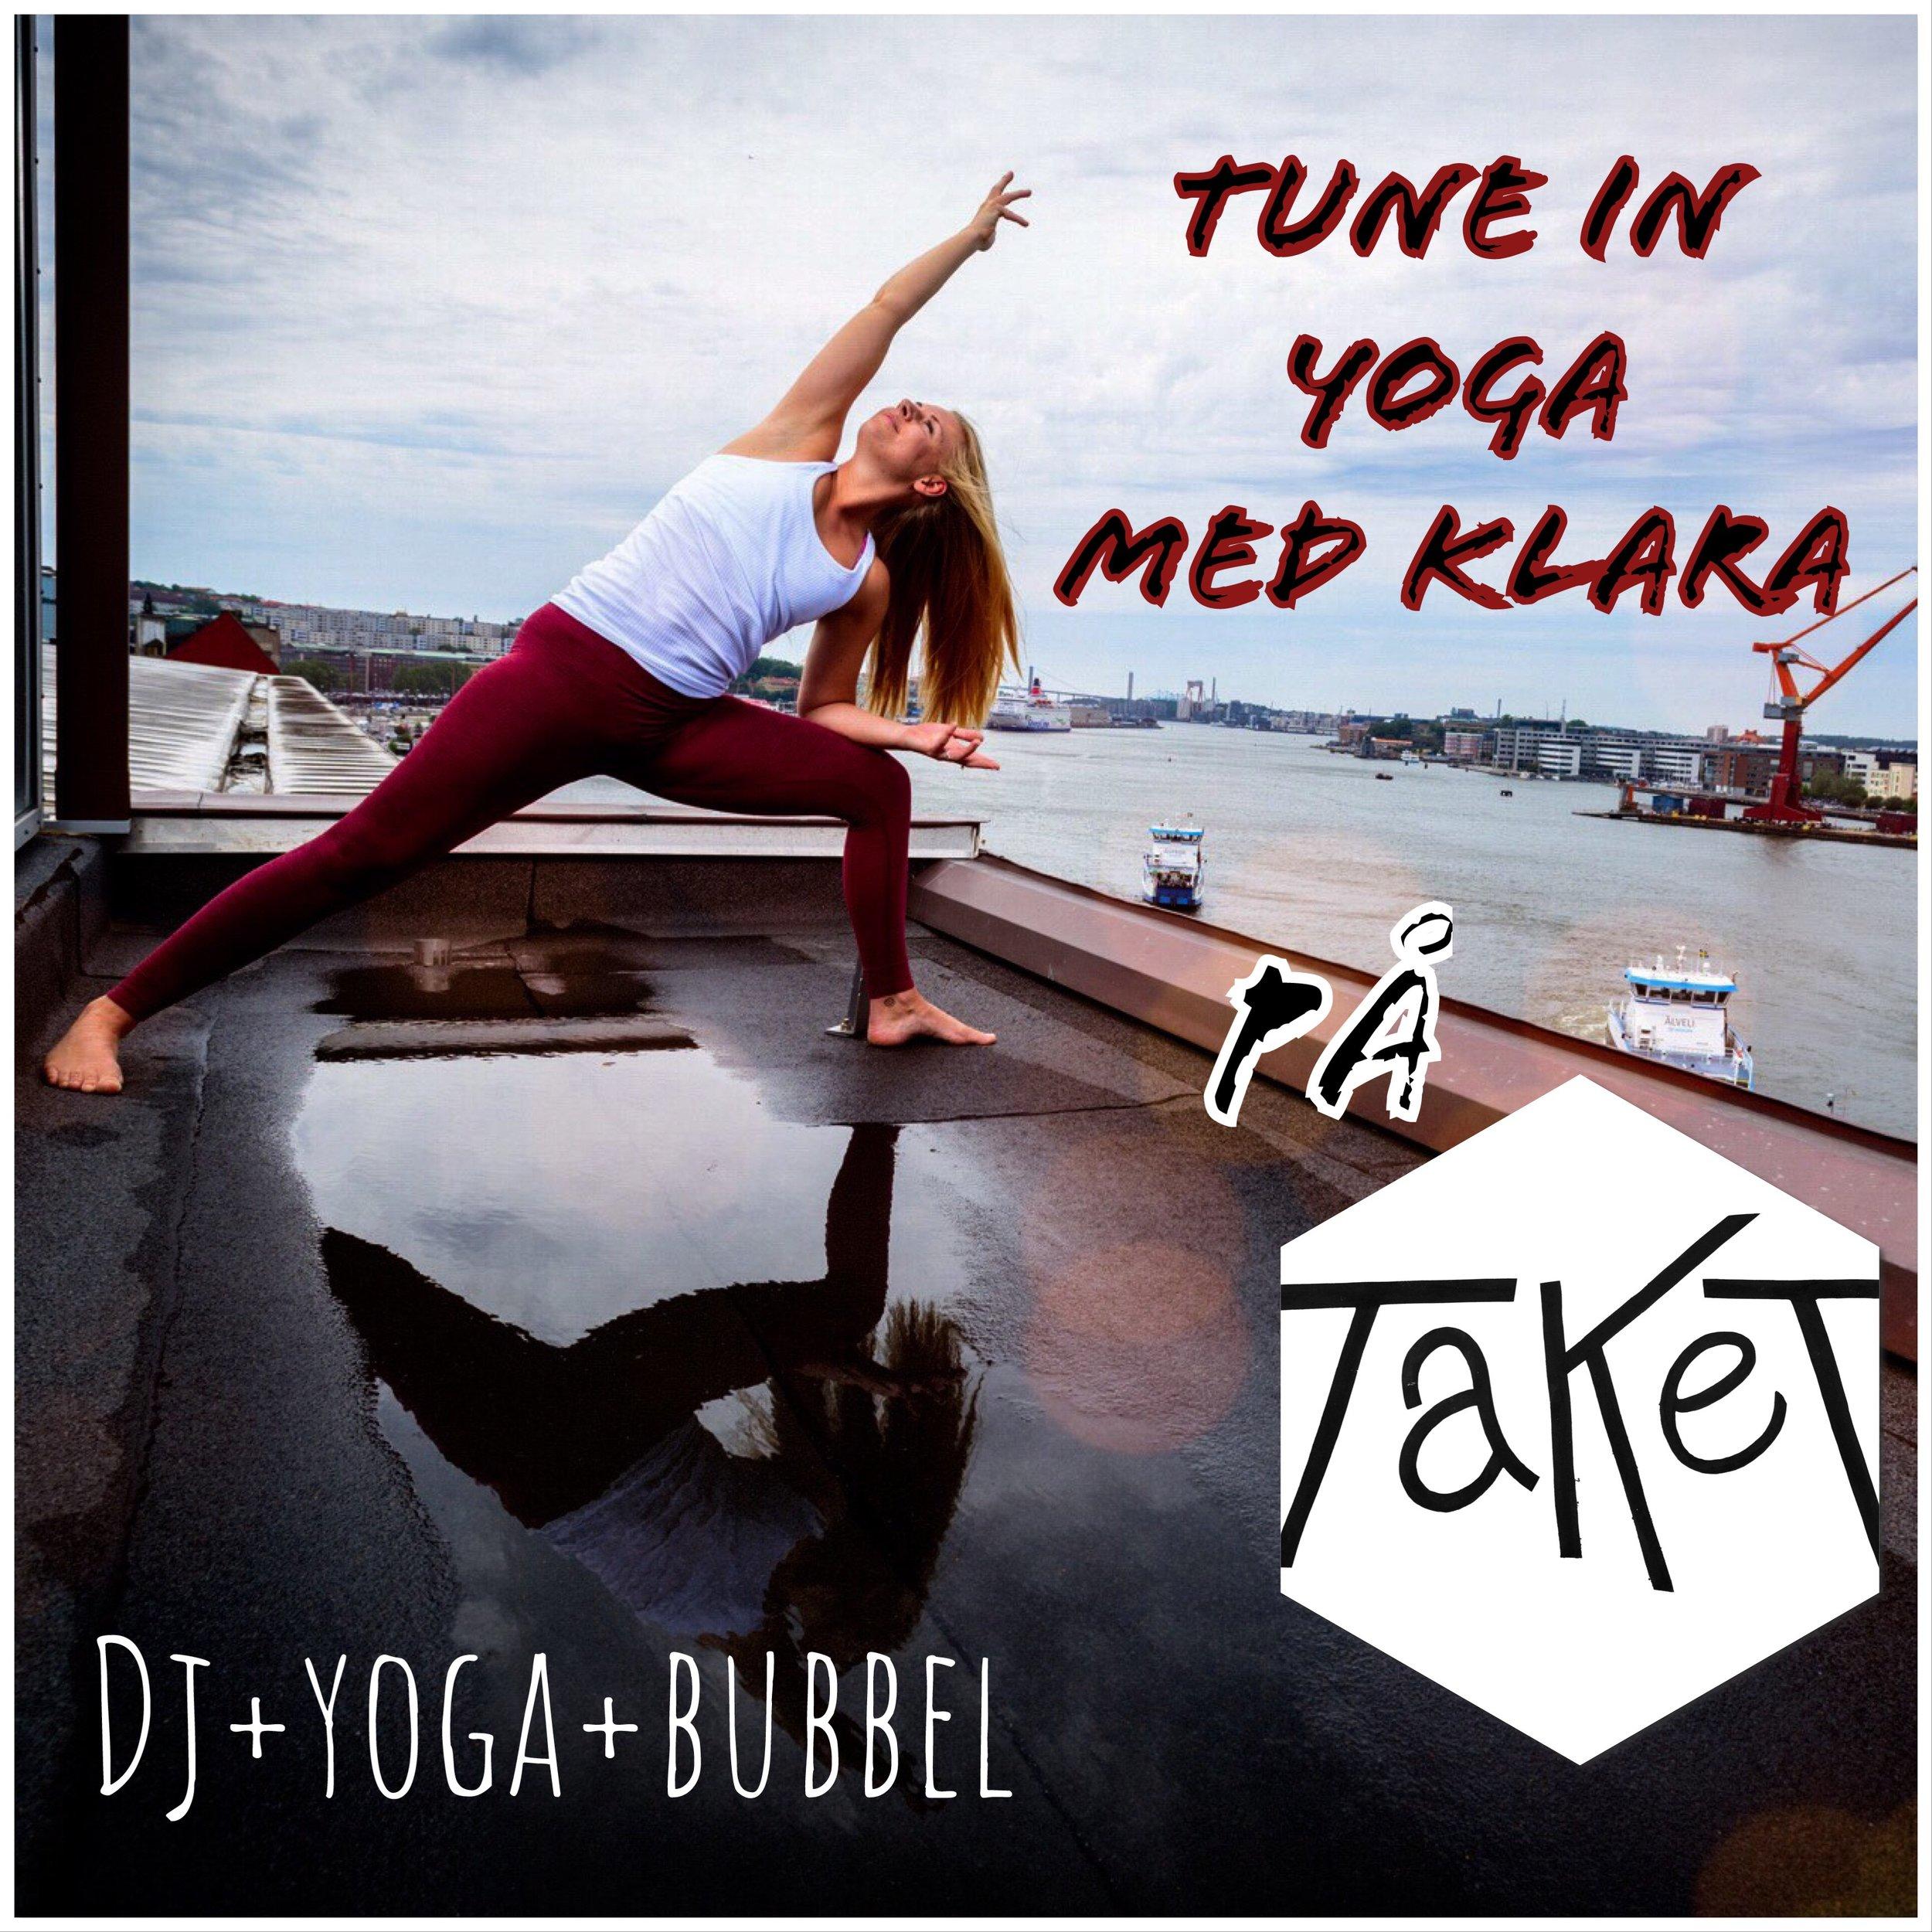 tune_in_yoga_taket.JPEG